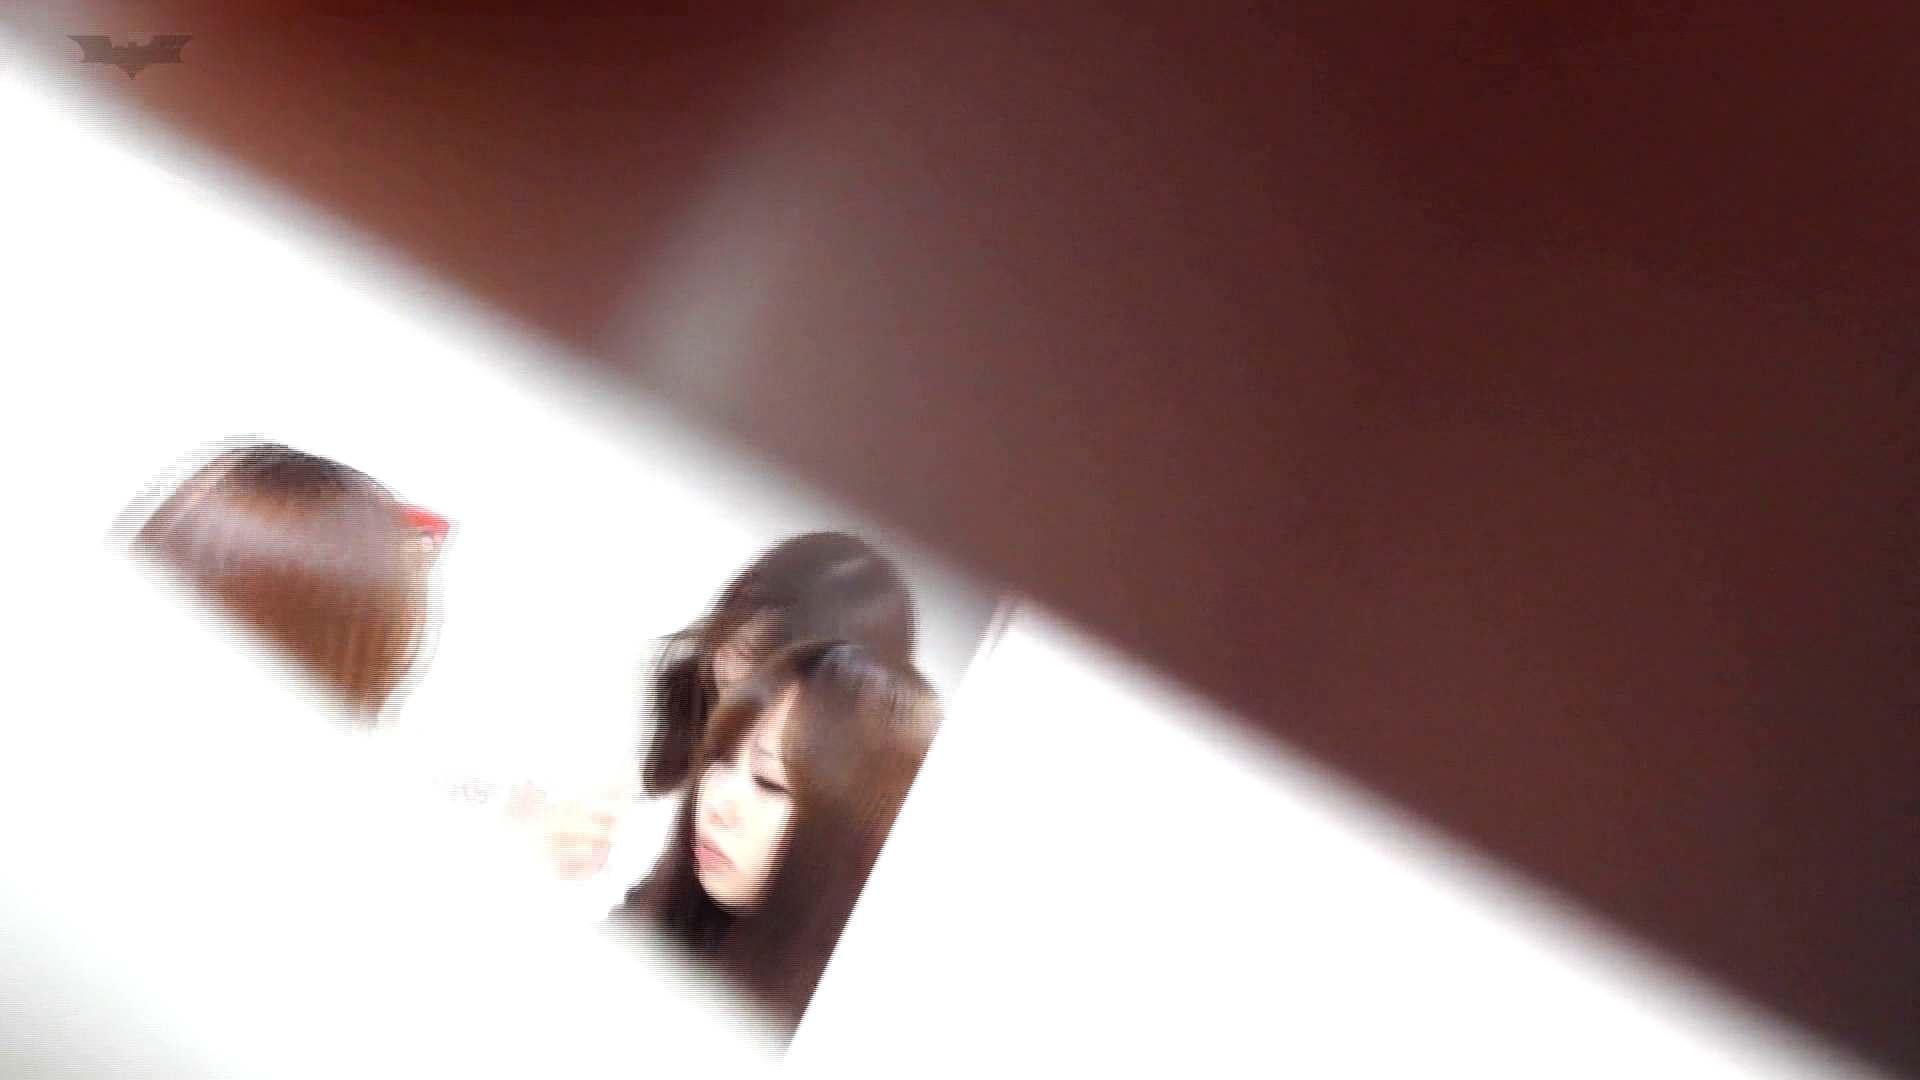 ▲2016_01位▲ 美しい日本の未来 No.27 規格外主人公登場 モデルコレクション   名作  83連発 74